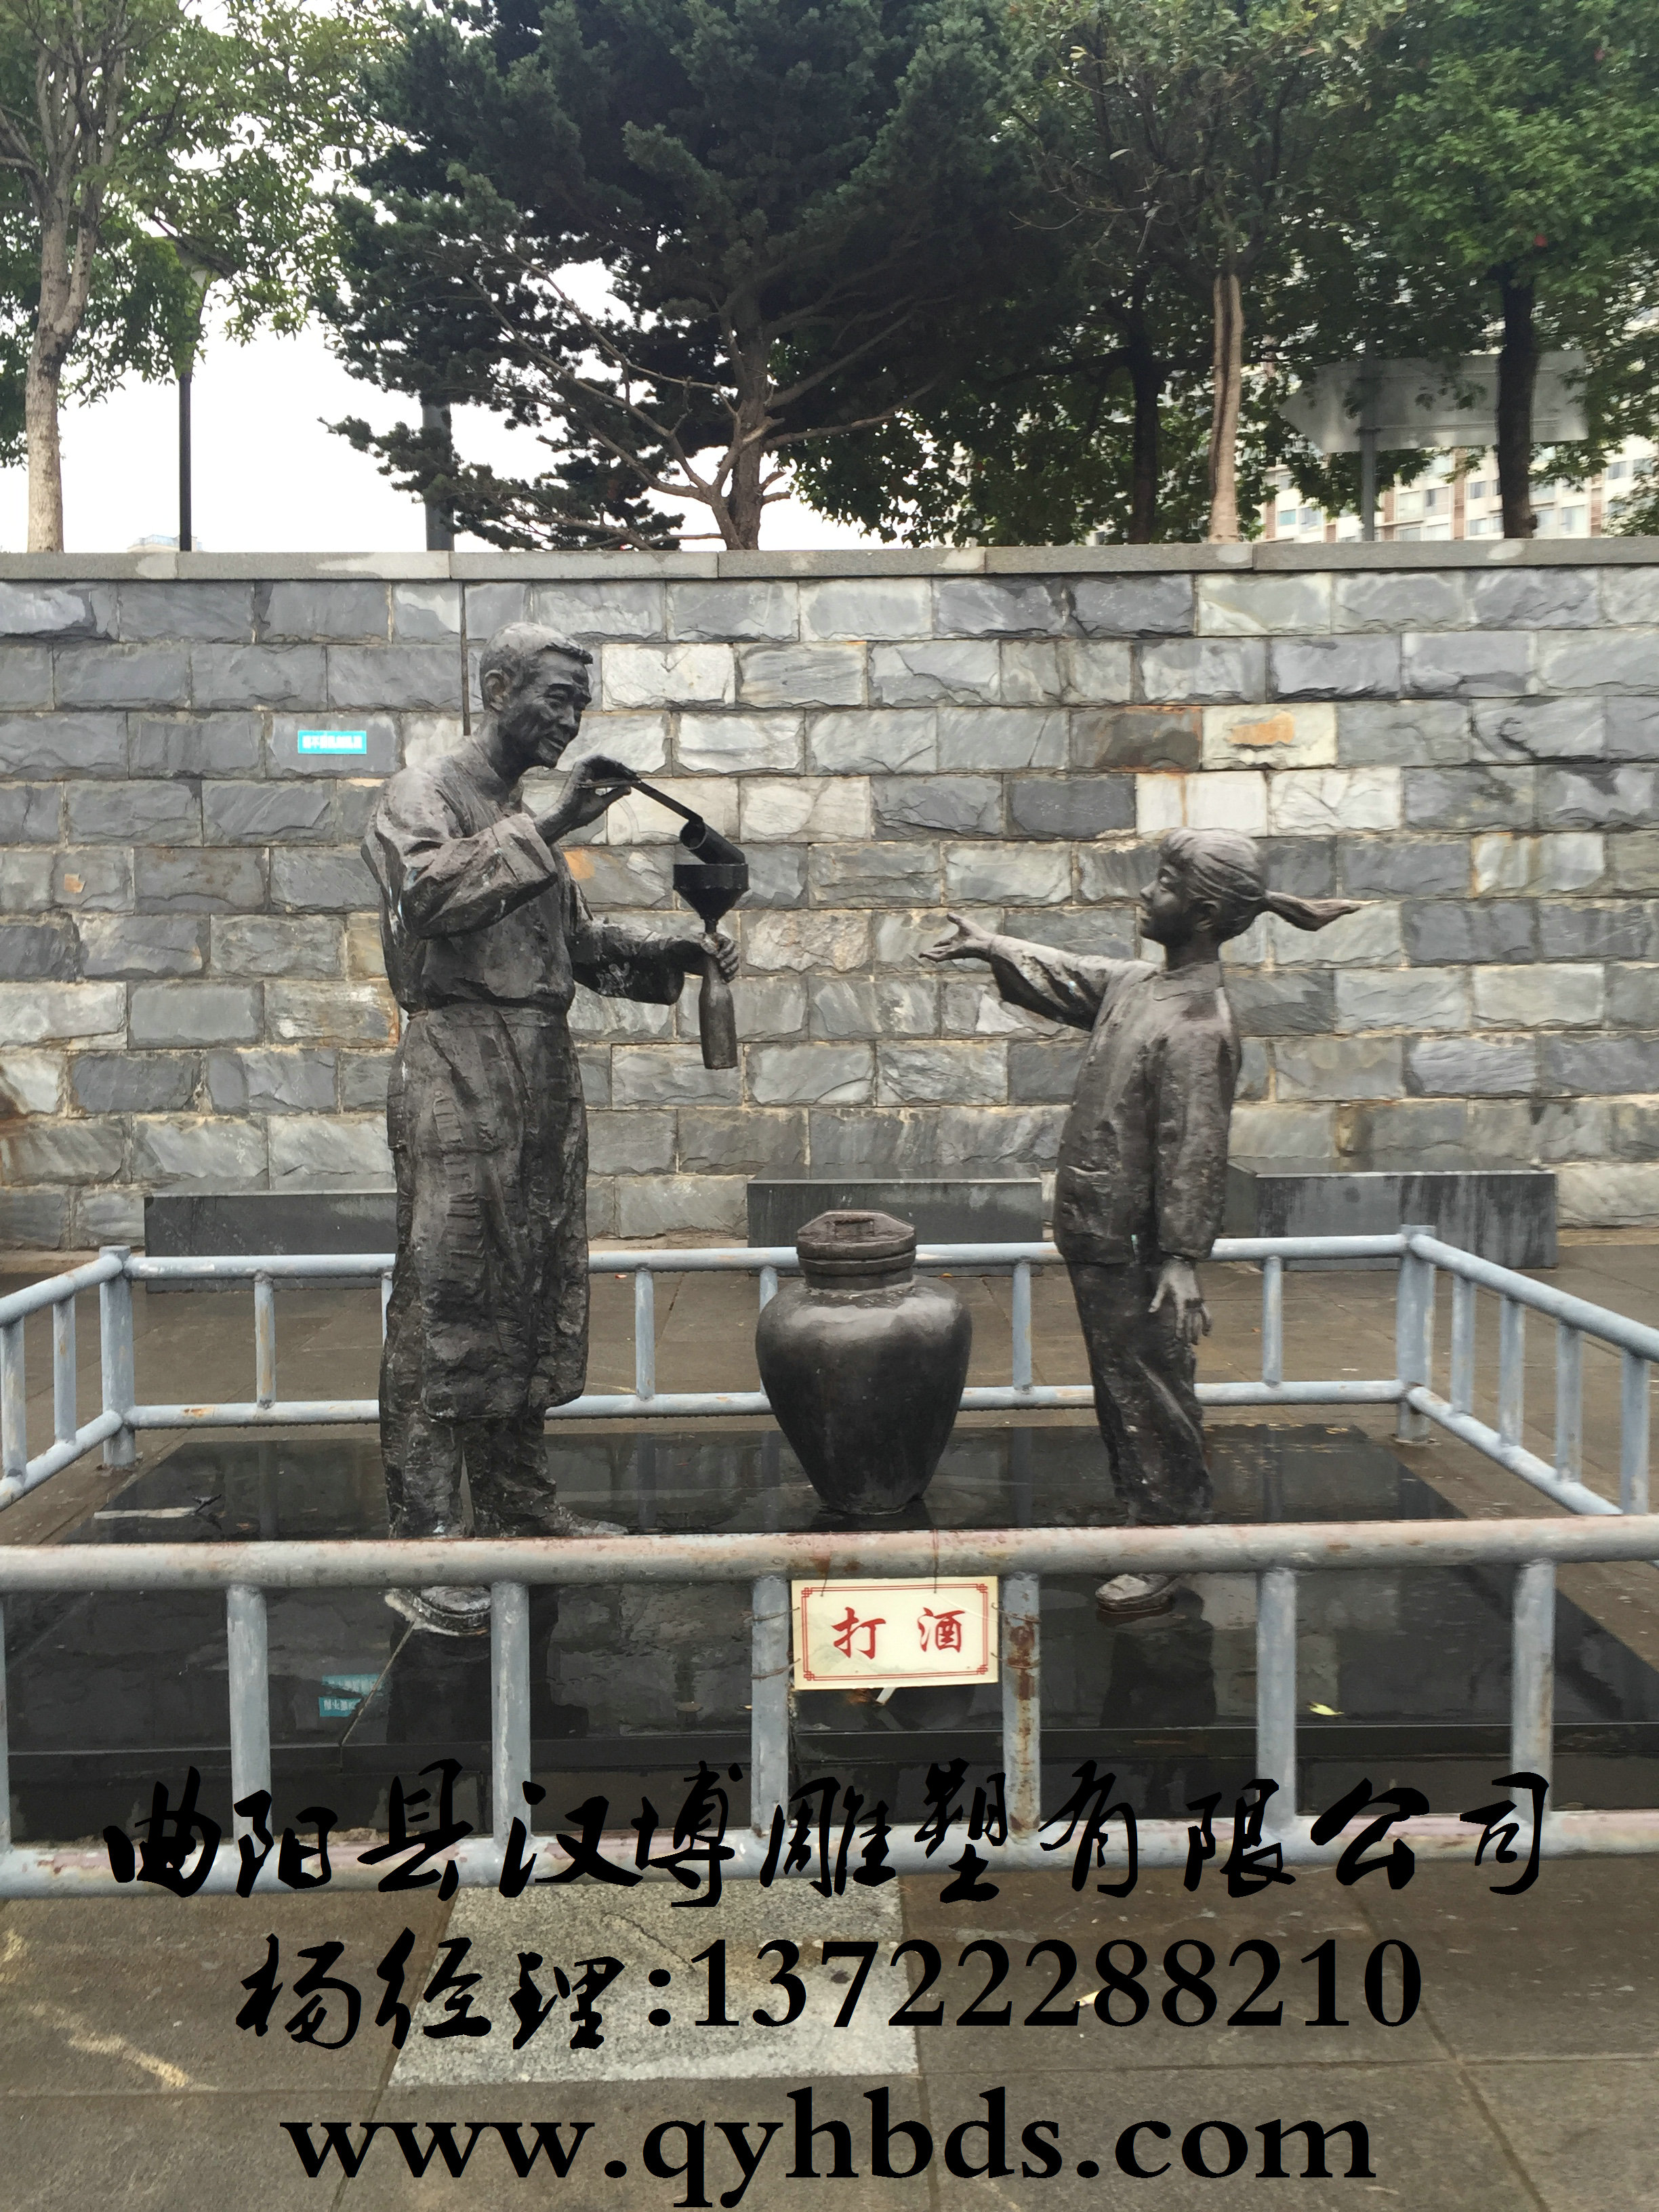 赣文化雕塑_民俗小品雕塑_打酒人物雕塑